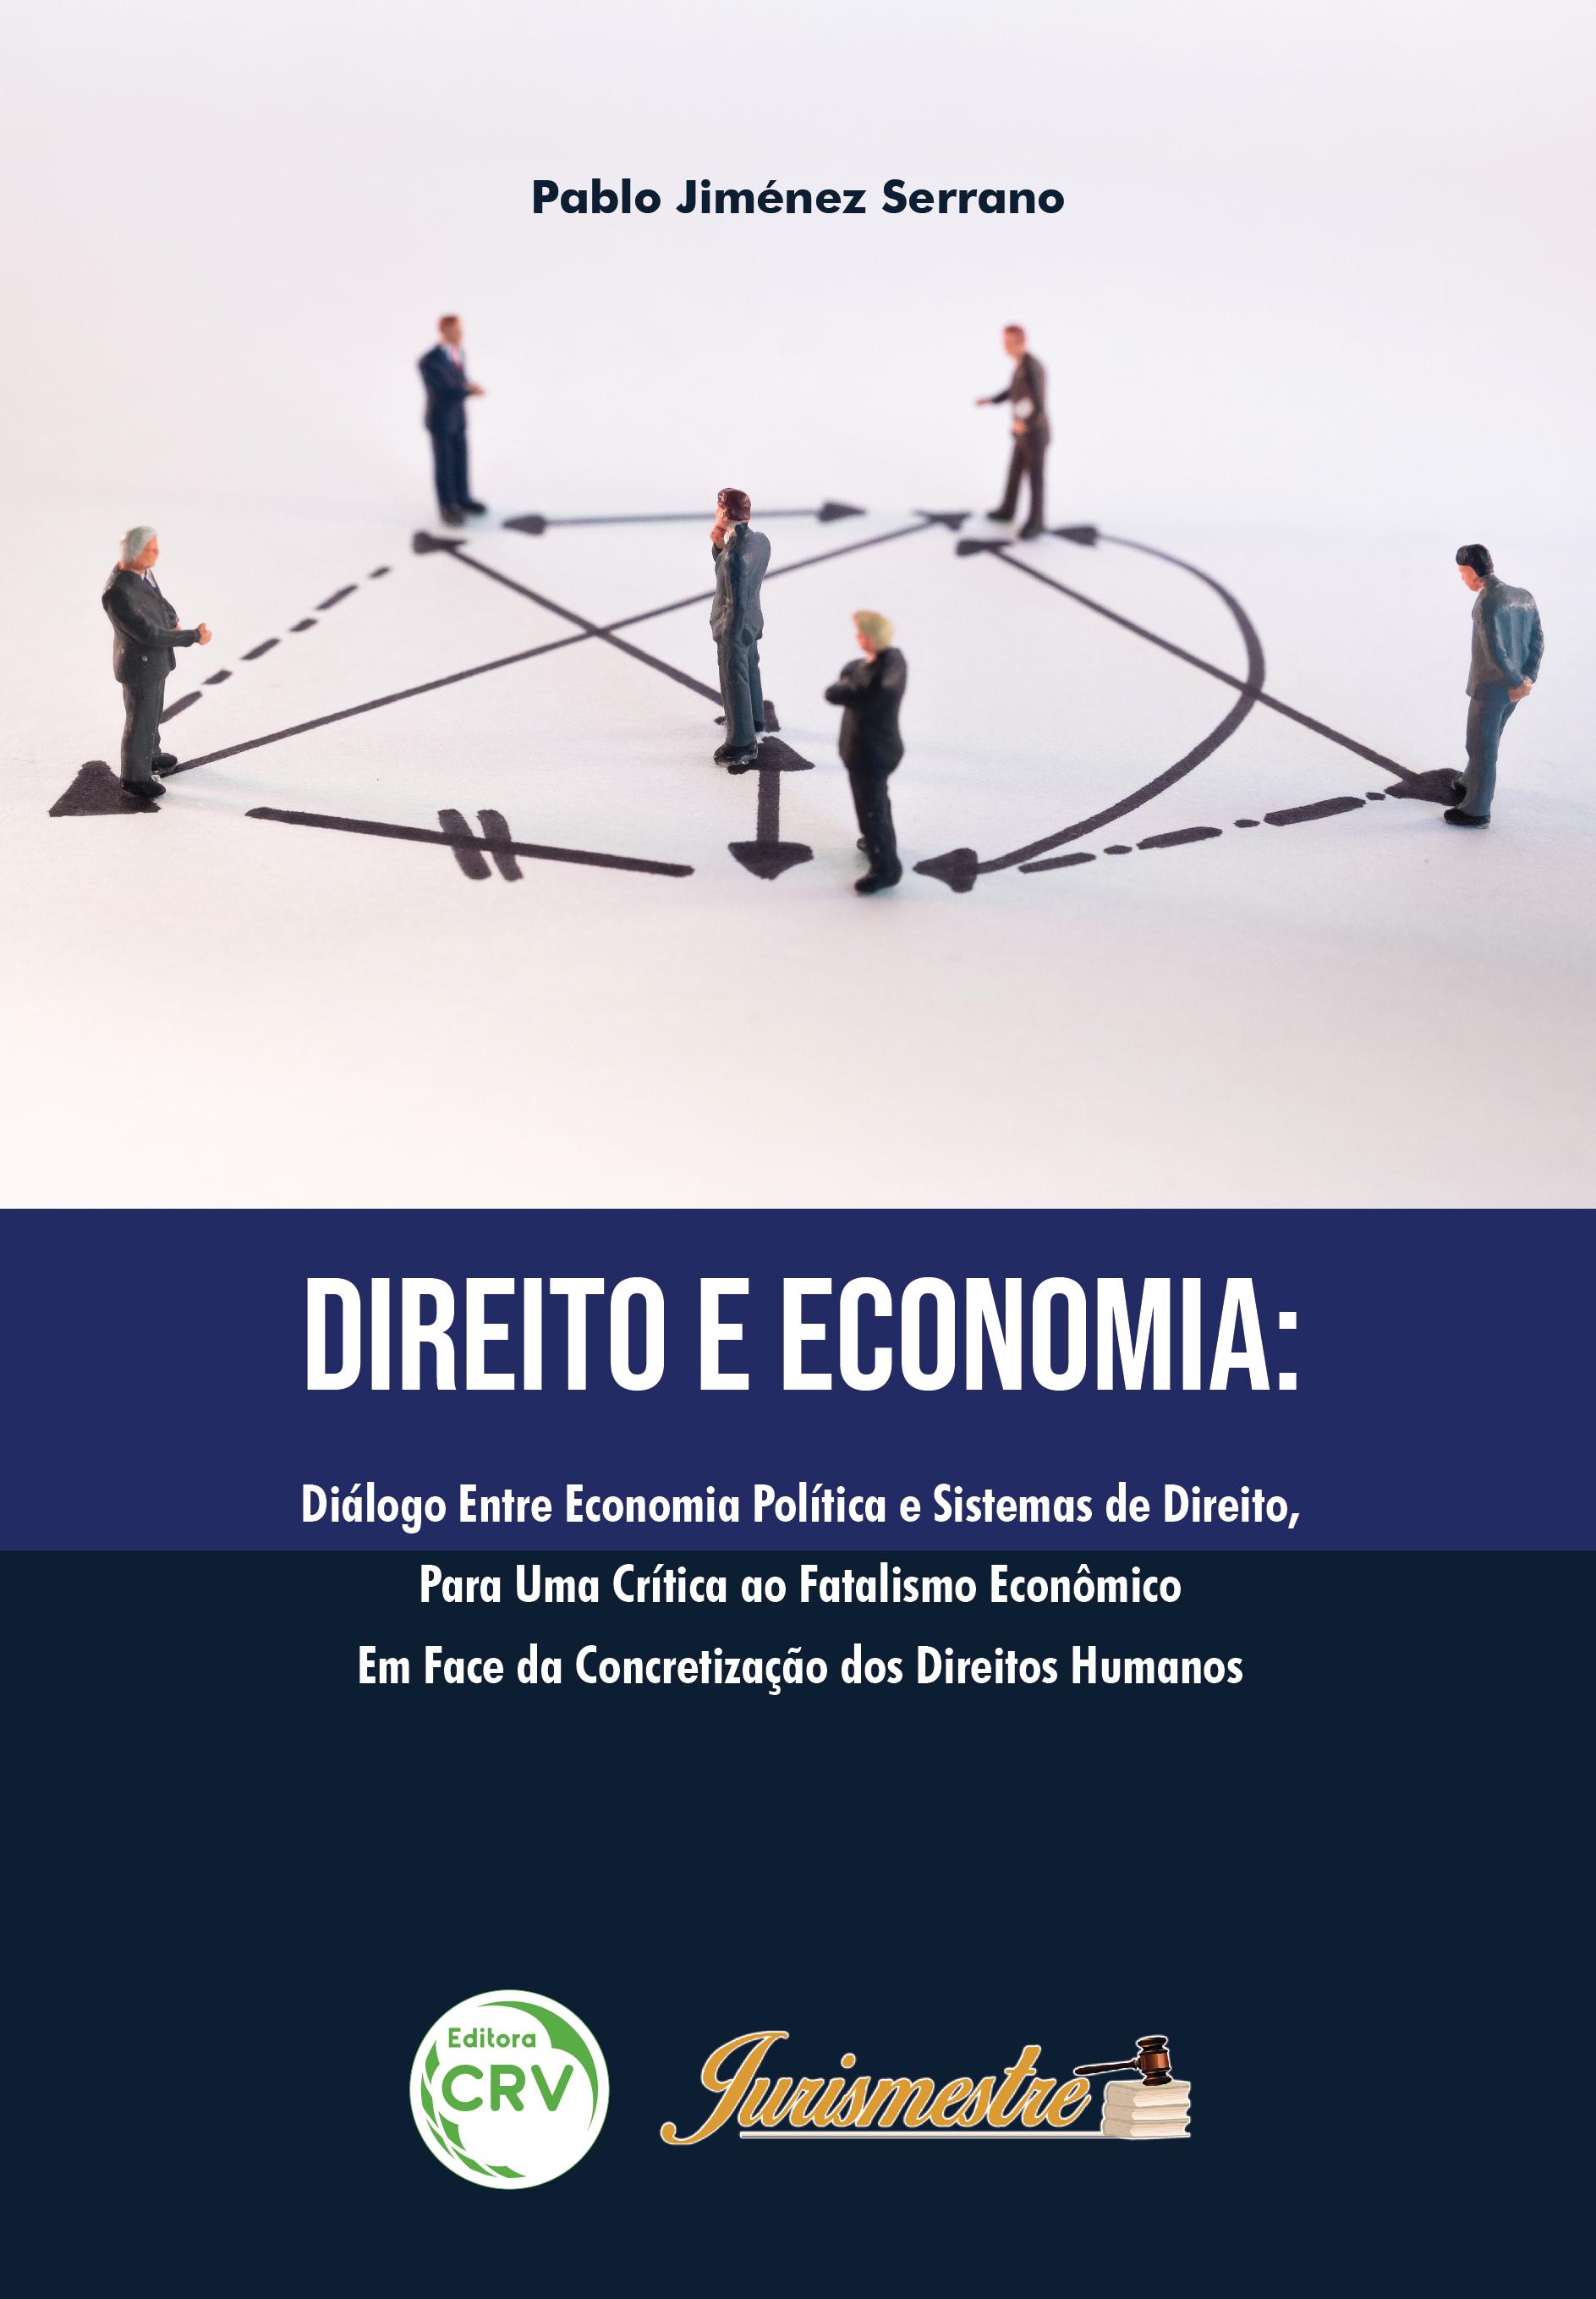 Capa do livro: DIREITO E ECONOMIA: <br> diálogo entre economia política e sistemas de direito, para uma crítica ao fatalismo econômico em face da concretização dos direitos humanos